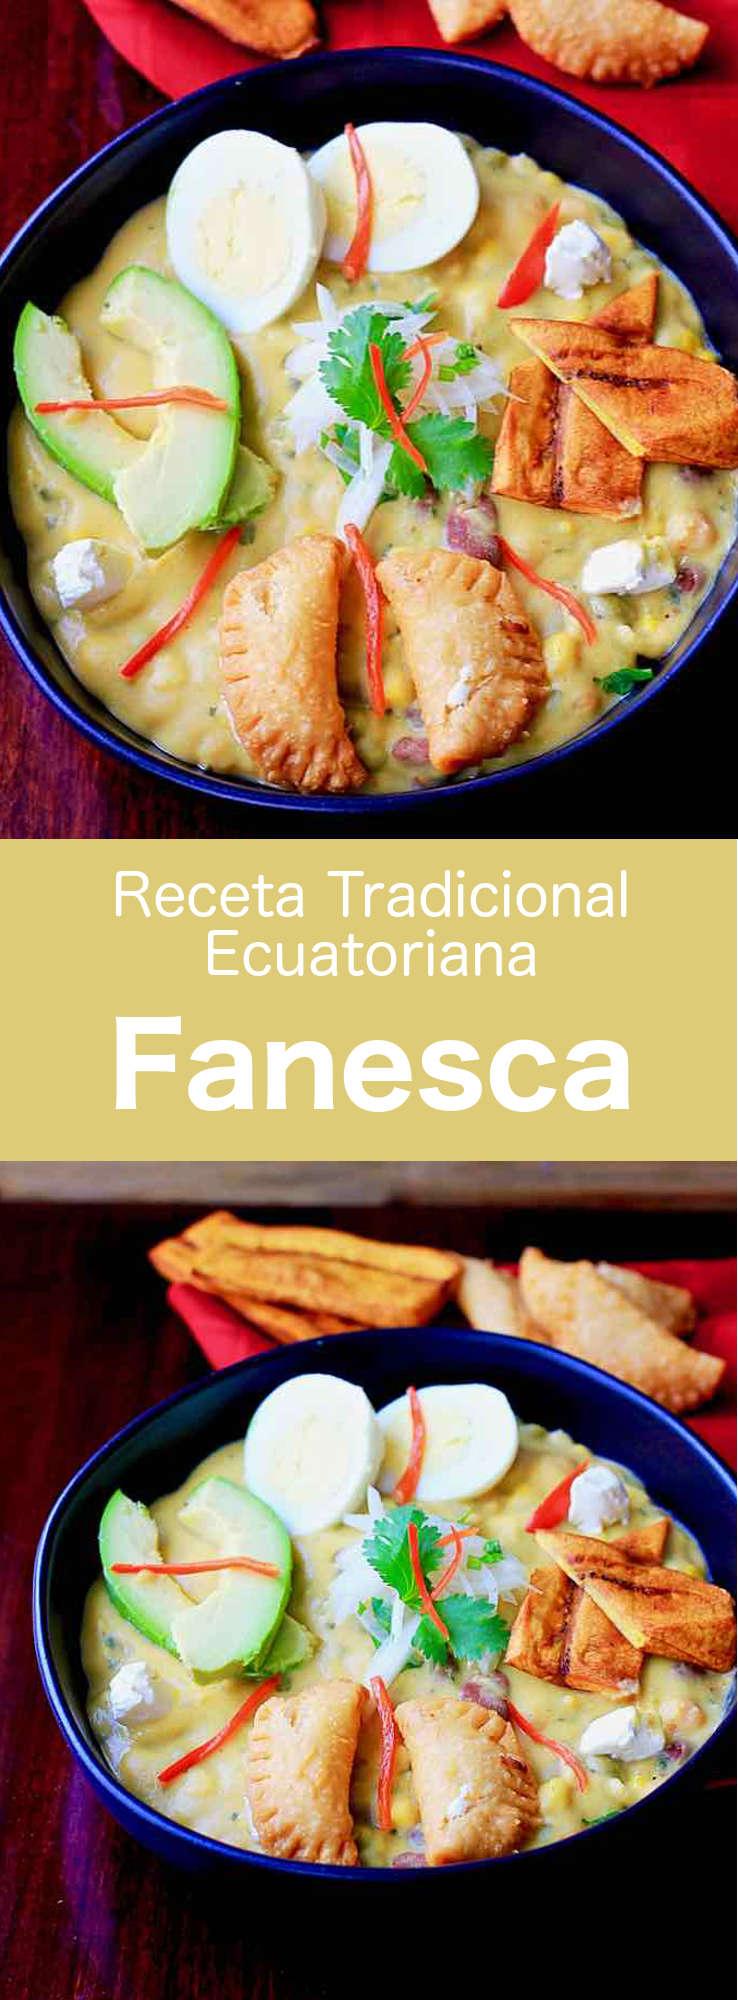 La fanesca es una sopa tradicional de Ecuador, típica de la Semana Santa, preparada con bacalao, calabaza, calabacín y varias legumbres. Está enriquecida con queso y leche.